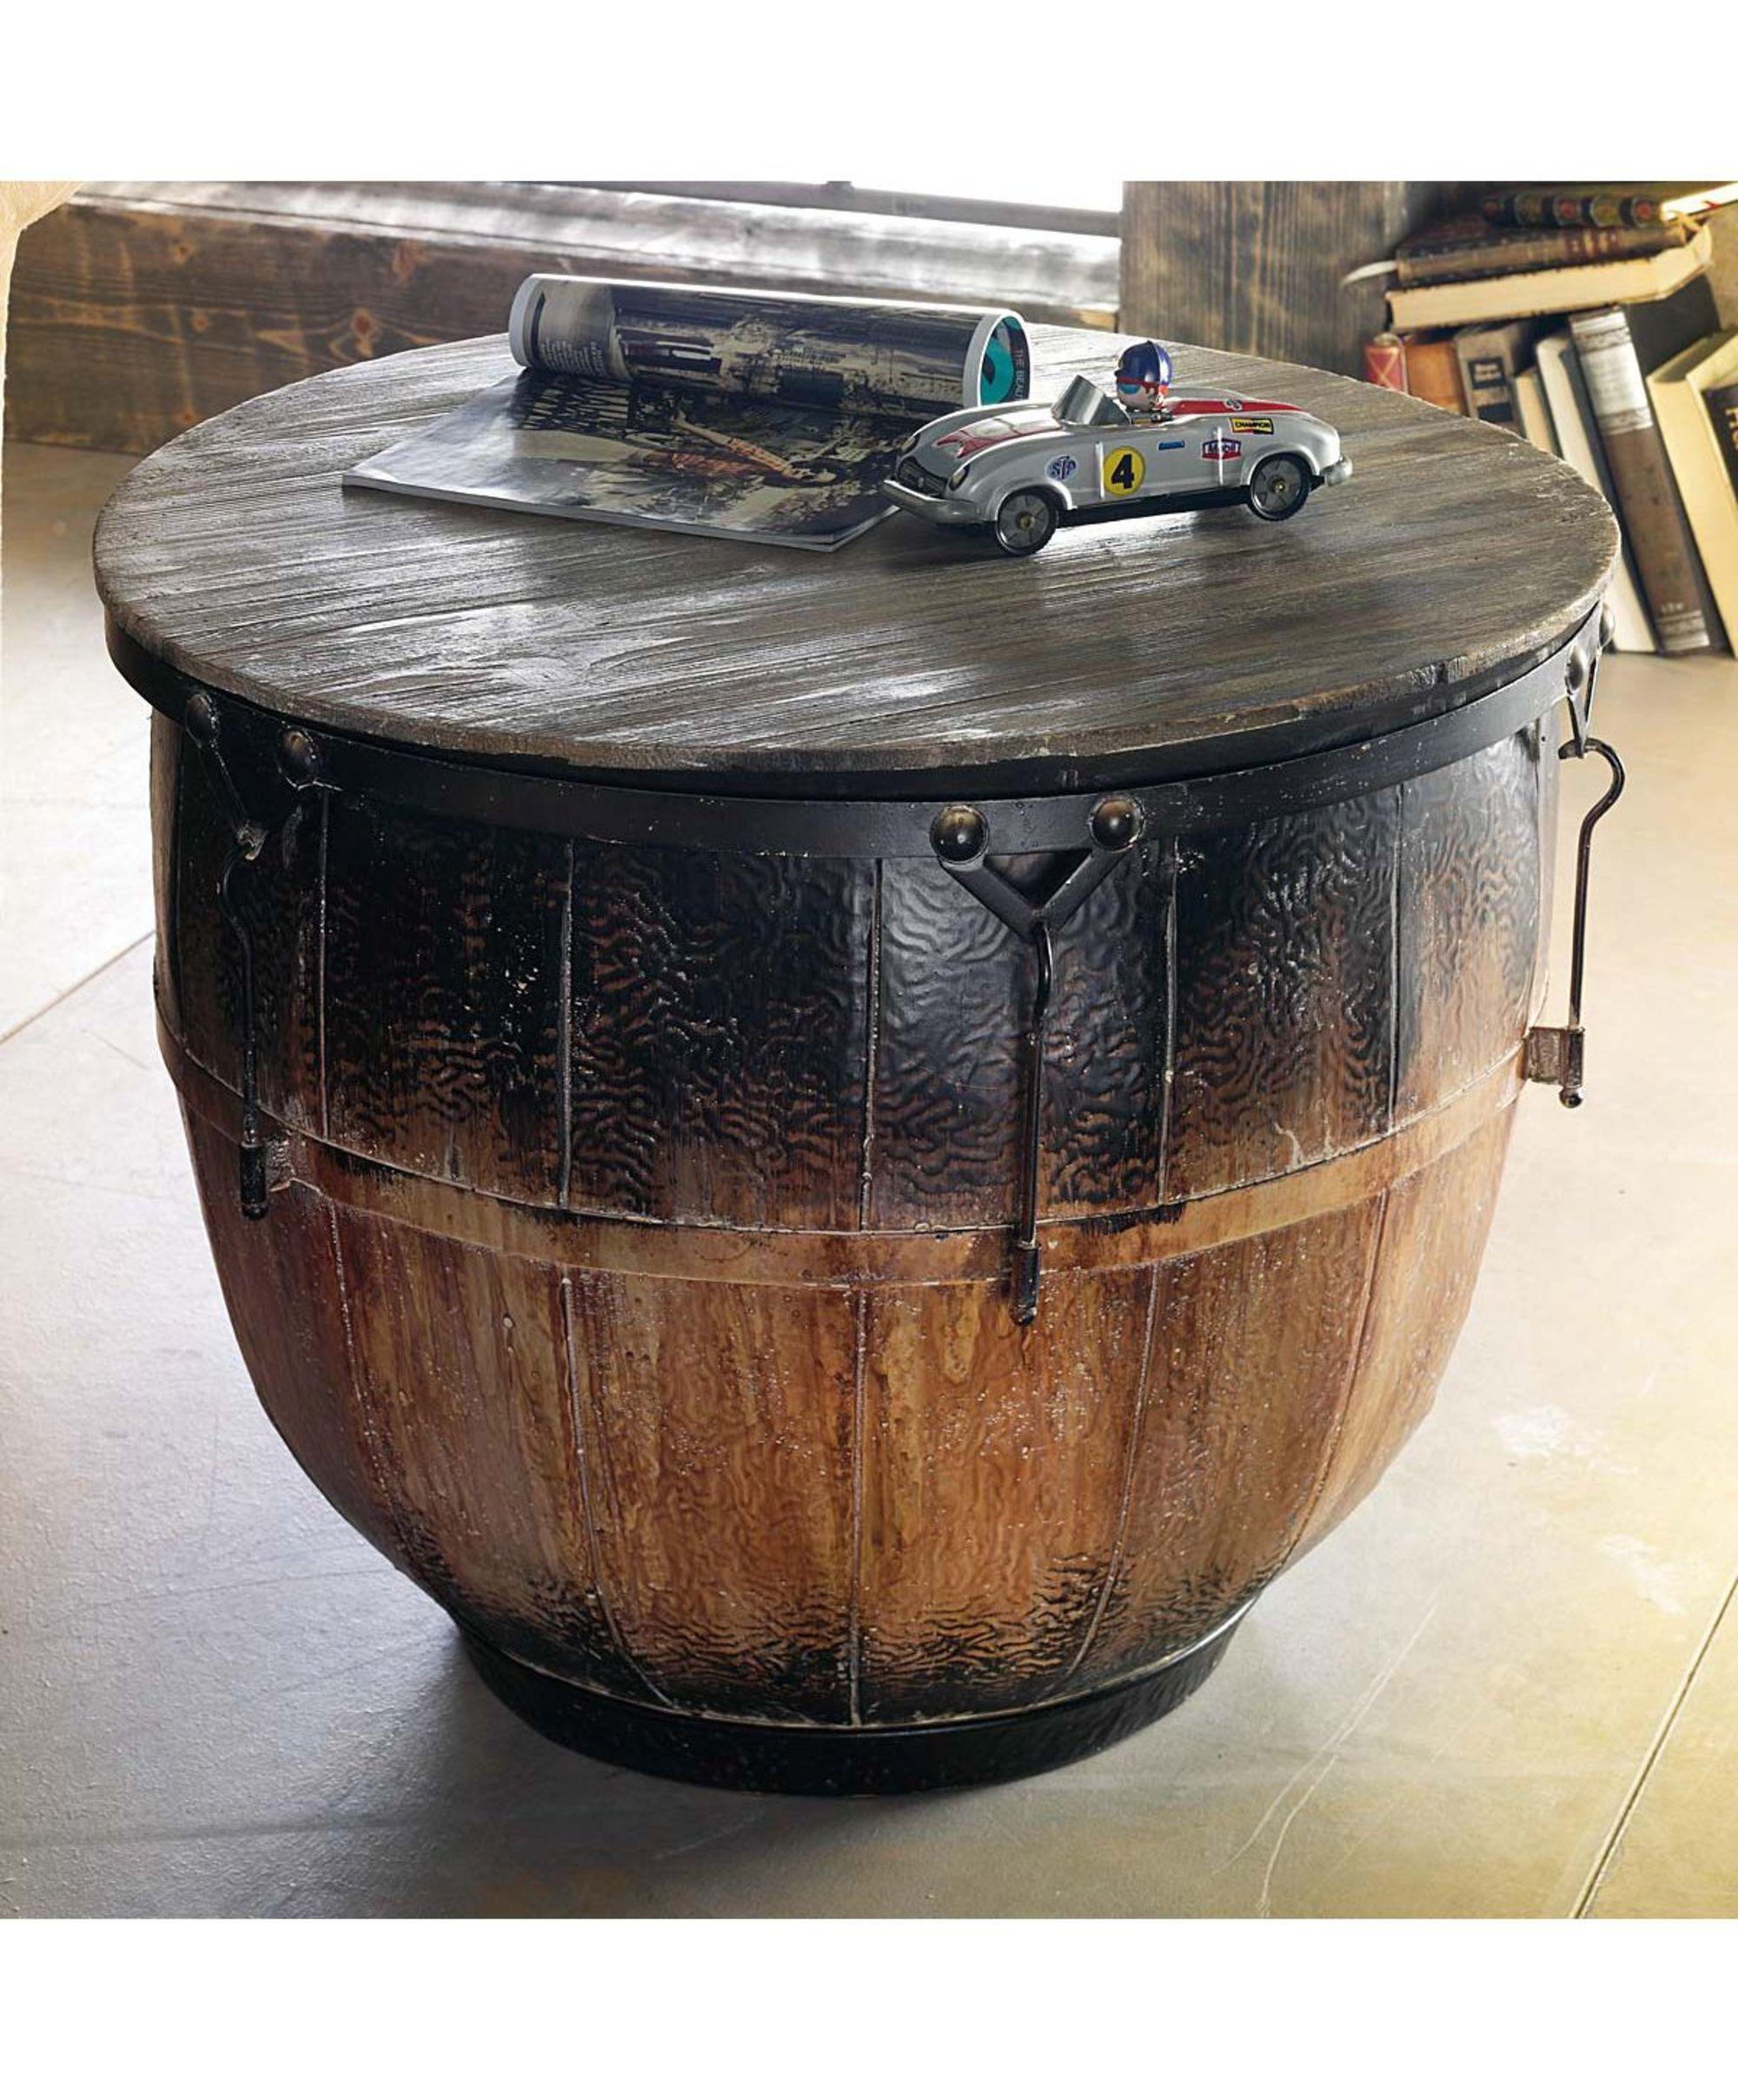 Couchtisch trommel wohnzimmertisch industrial chic for Beistelltisch industrial